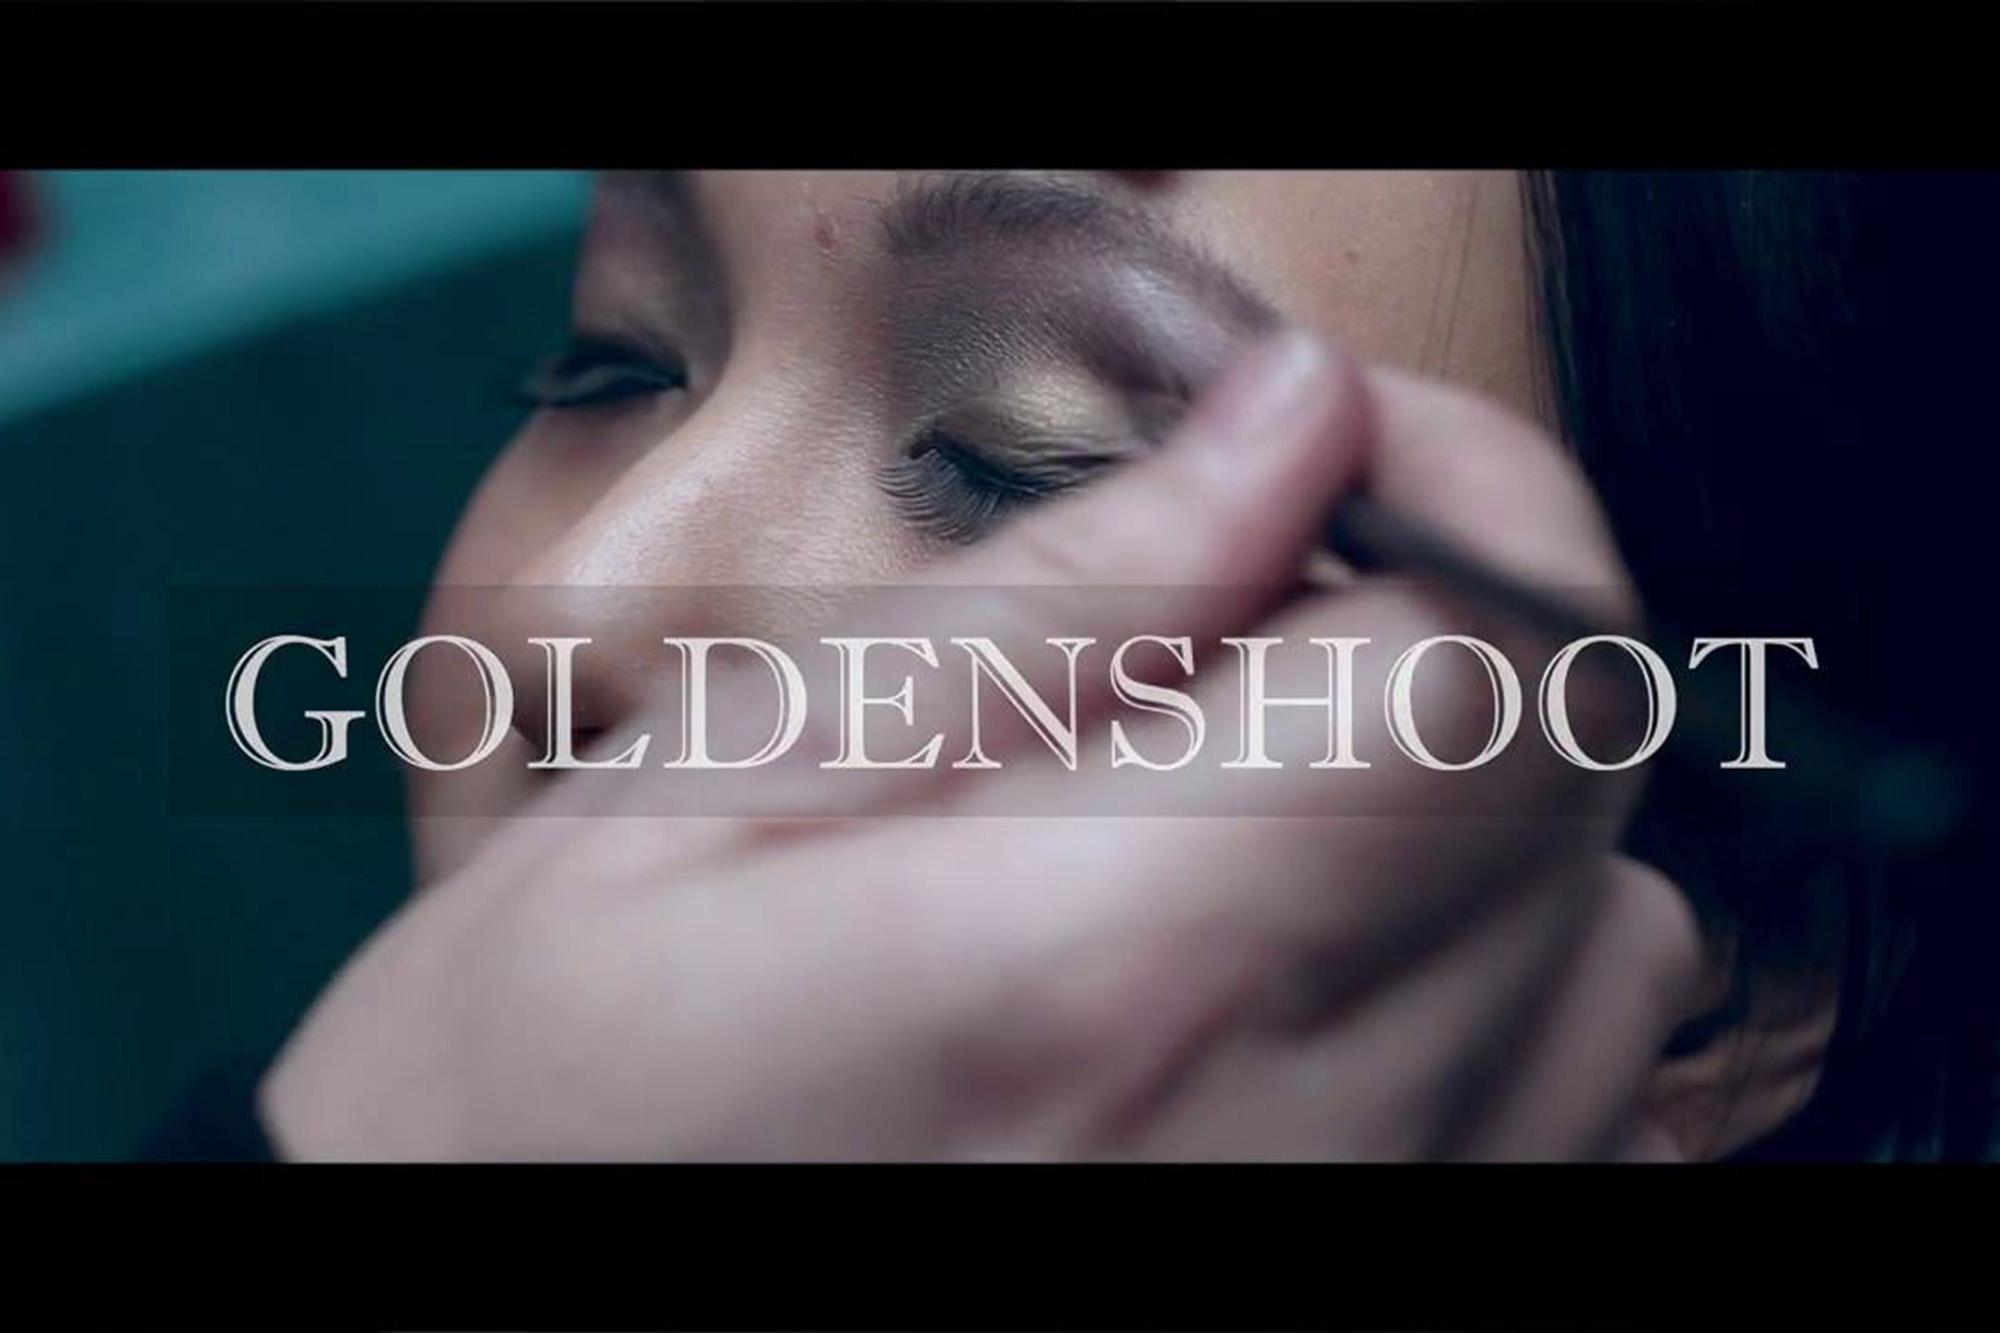 Goldenshoot